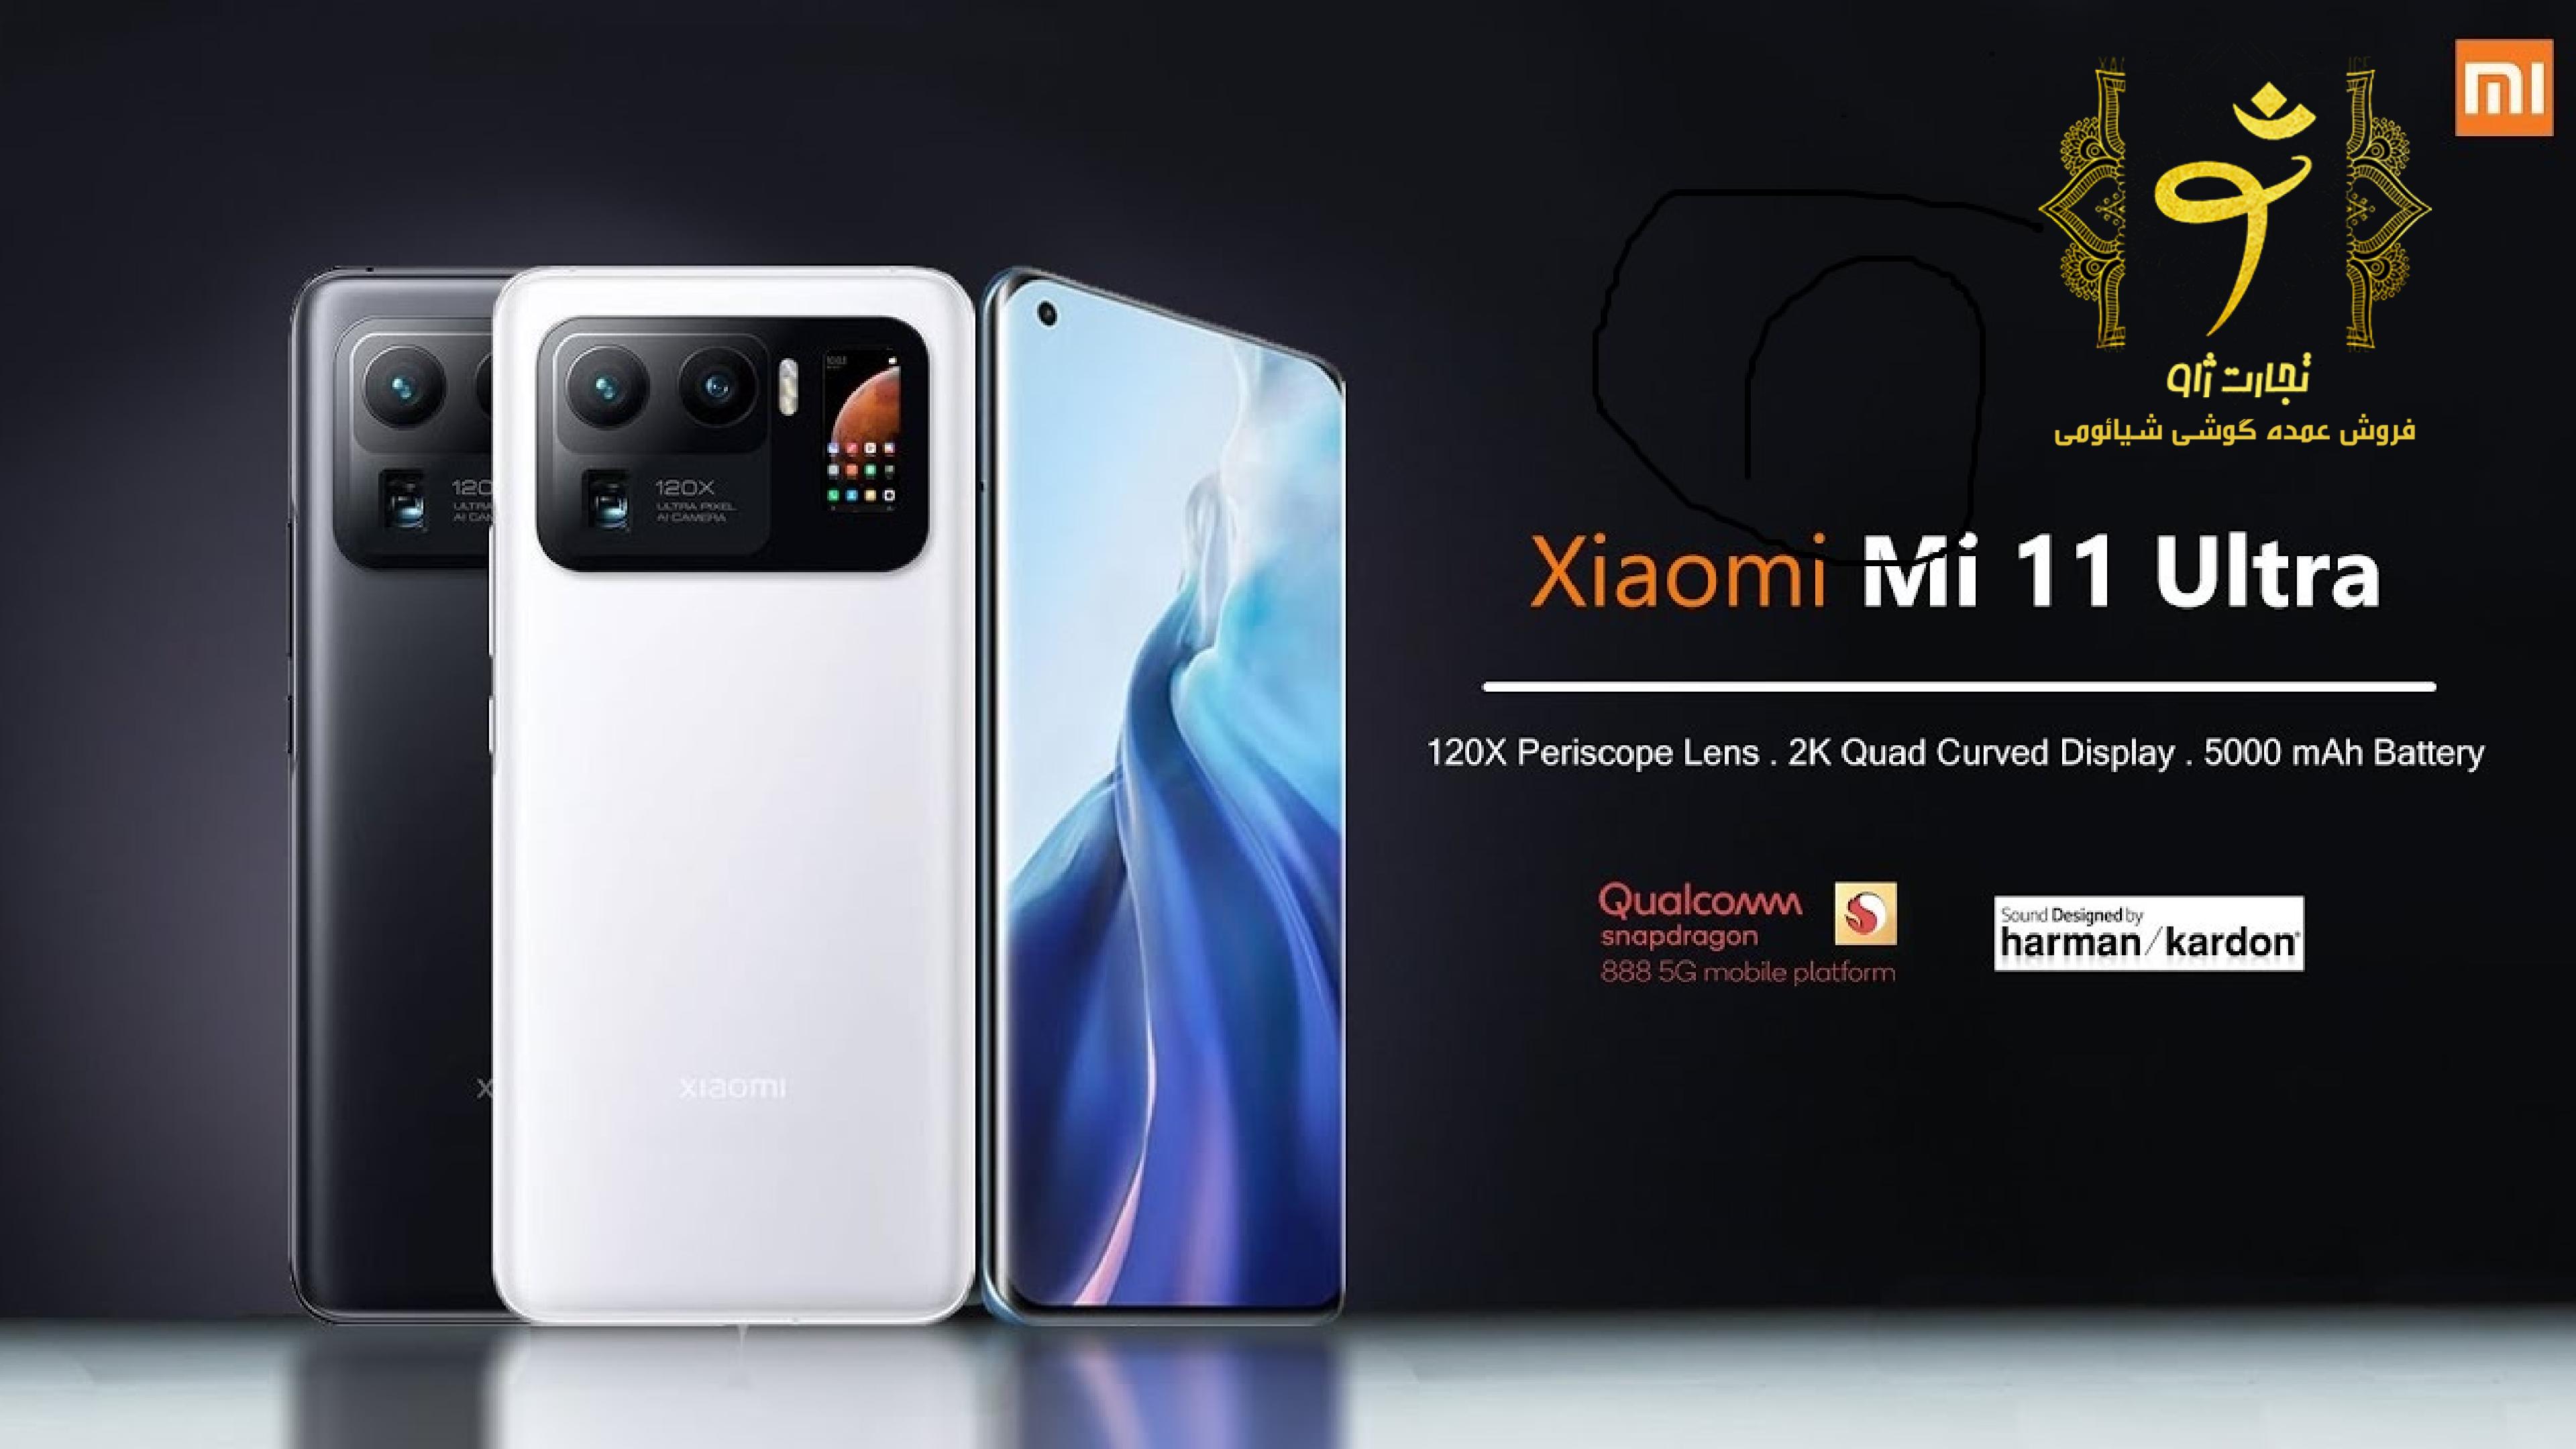 خرید گوشی شیائومی می 11 اولترا / xiaomi mi 11 ultra + مشخصات فنی و قیمت